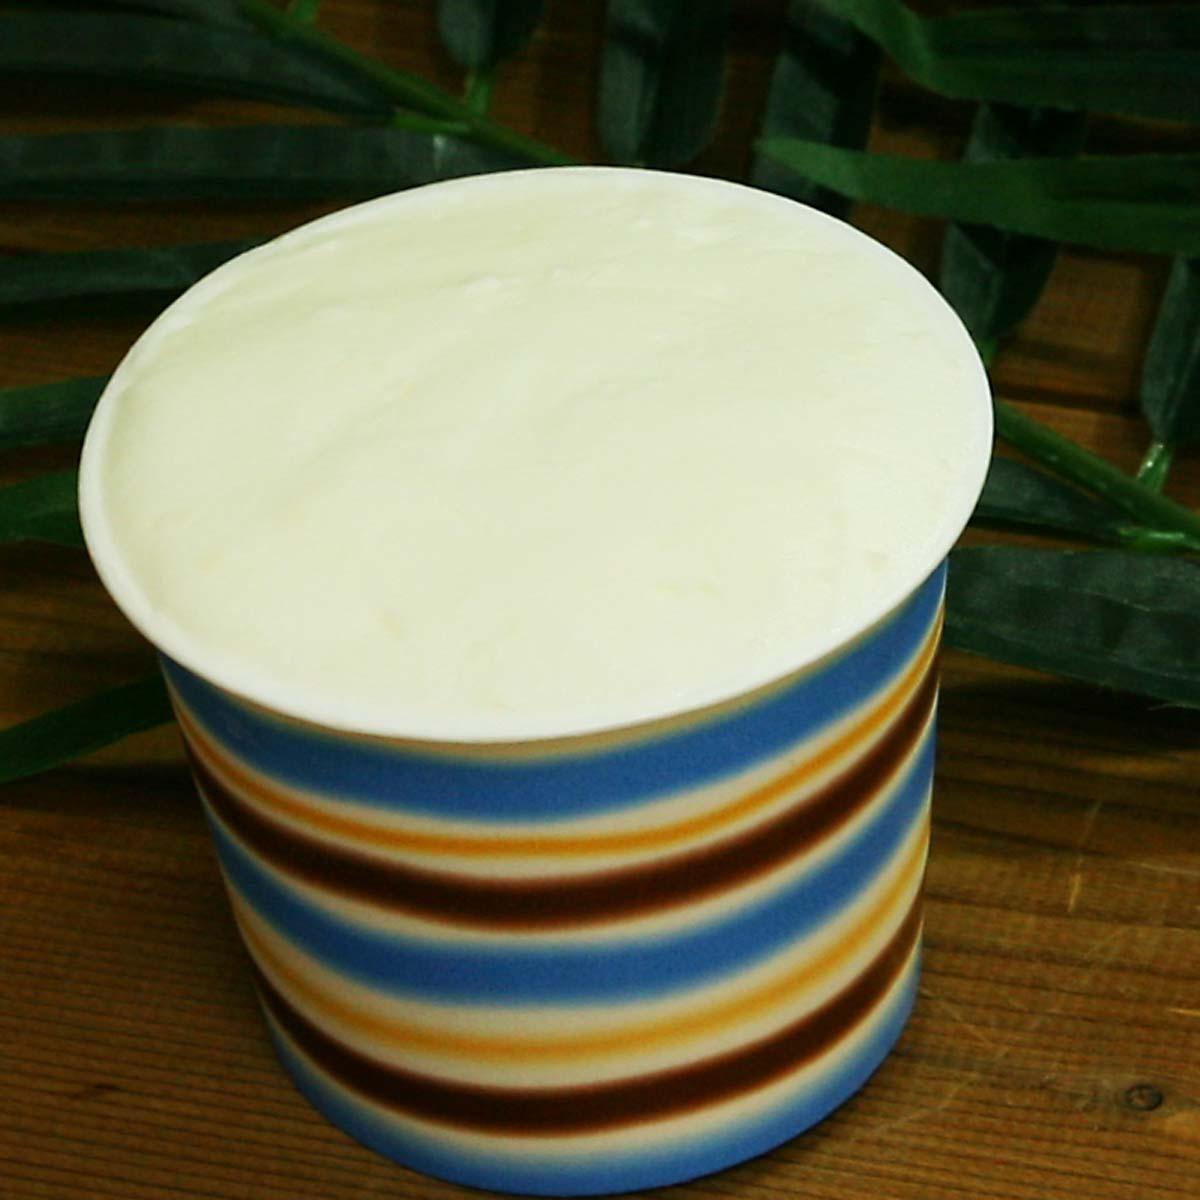 ココナッツのジェラート トロピカルなアイスクリーム カップアイスジェラート  魁ジェラートアイスクリーム